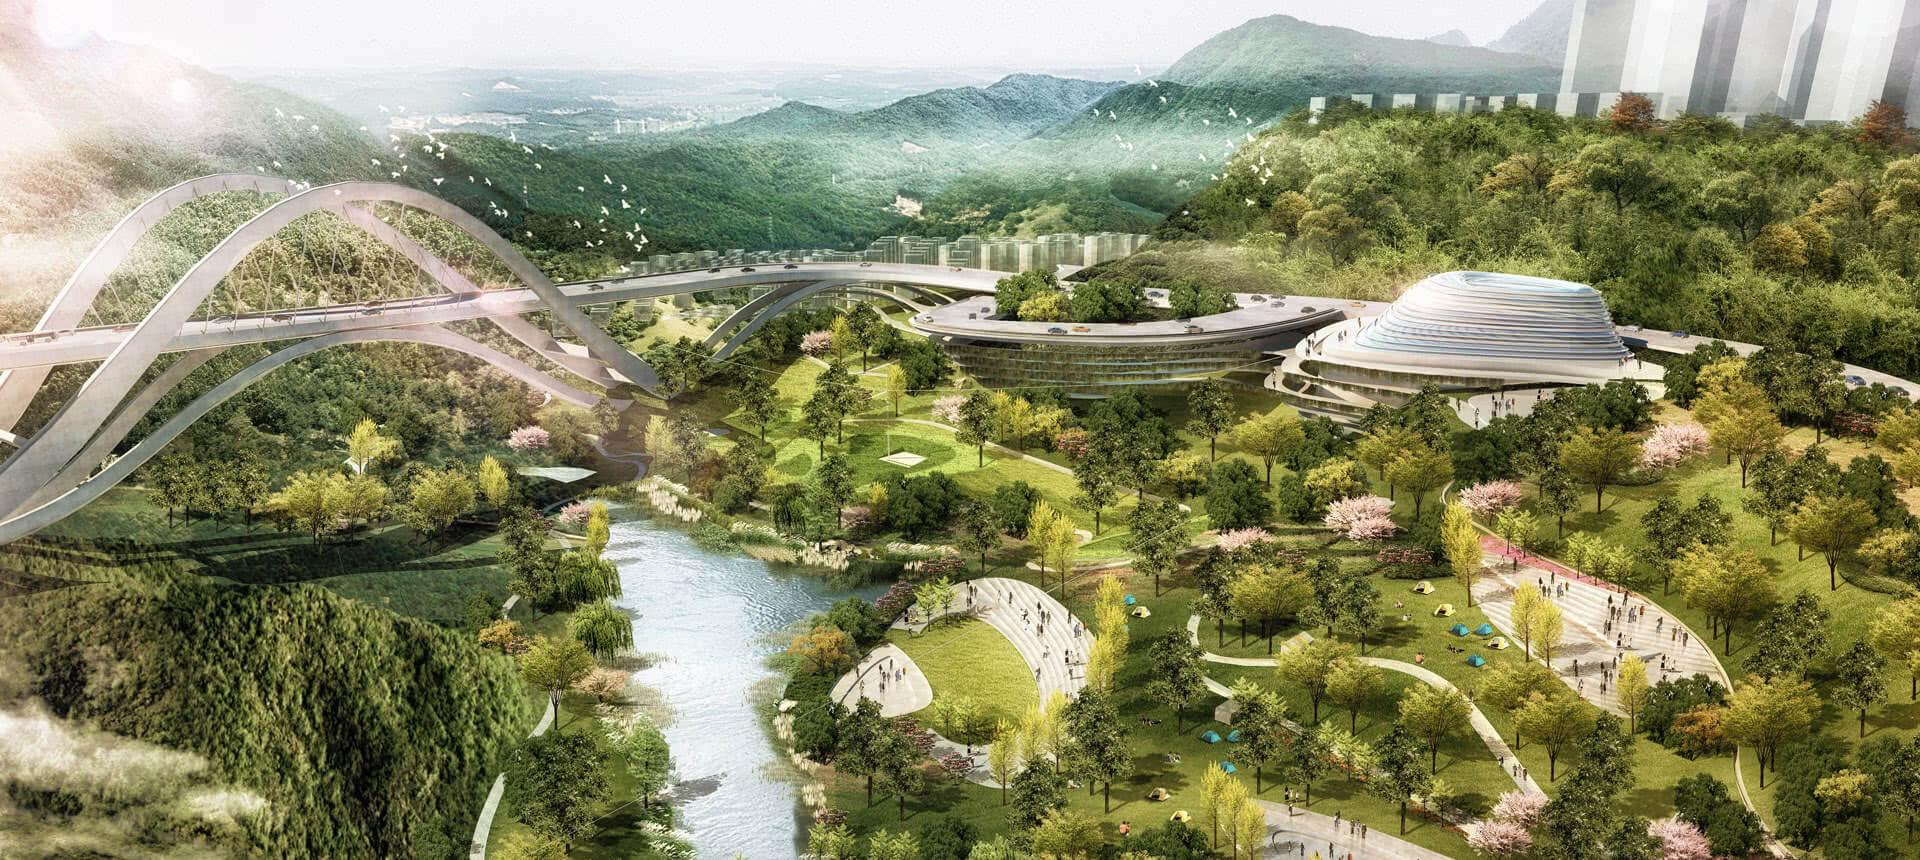 China s Landscape Architecture